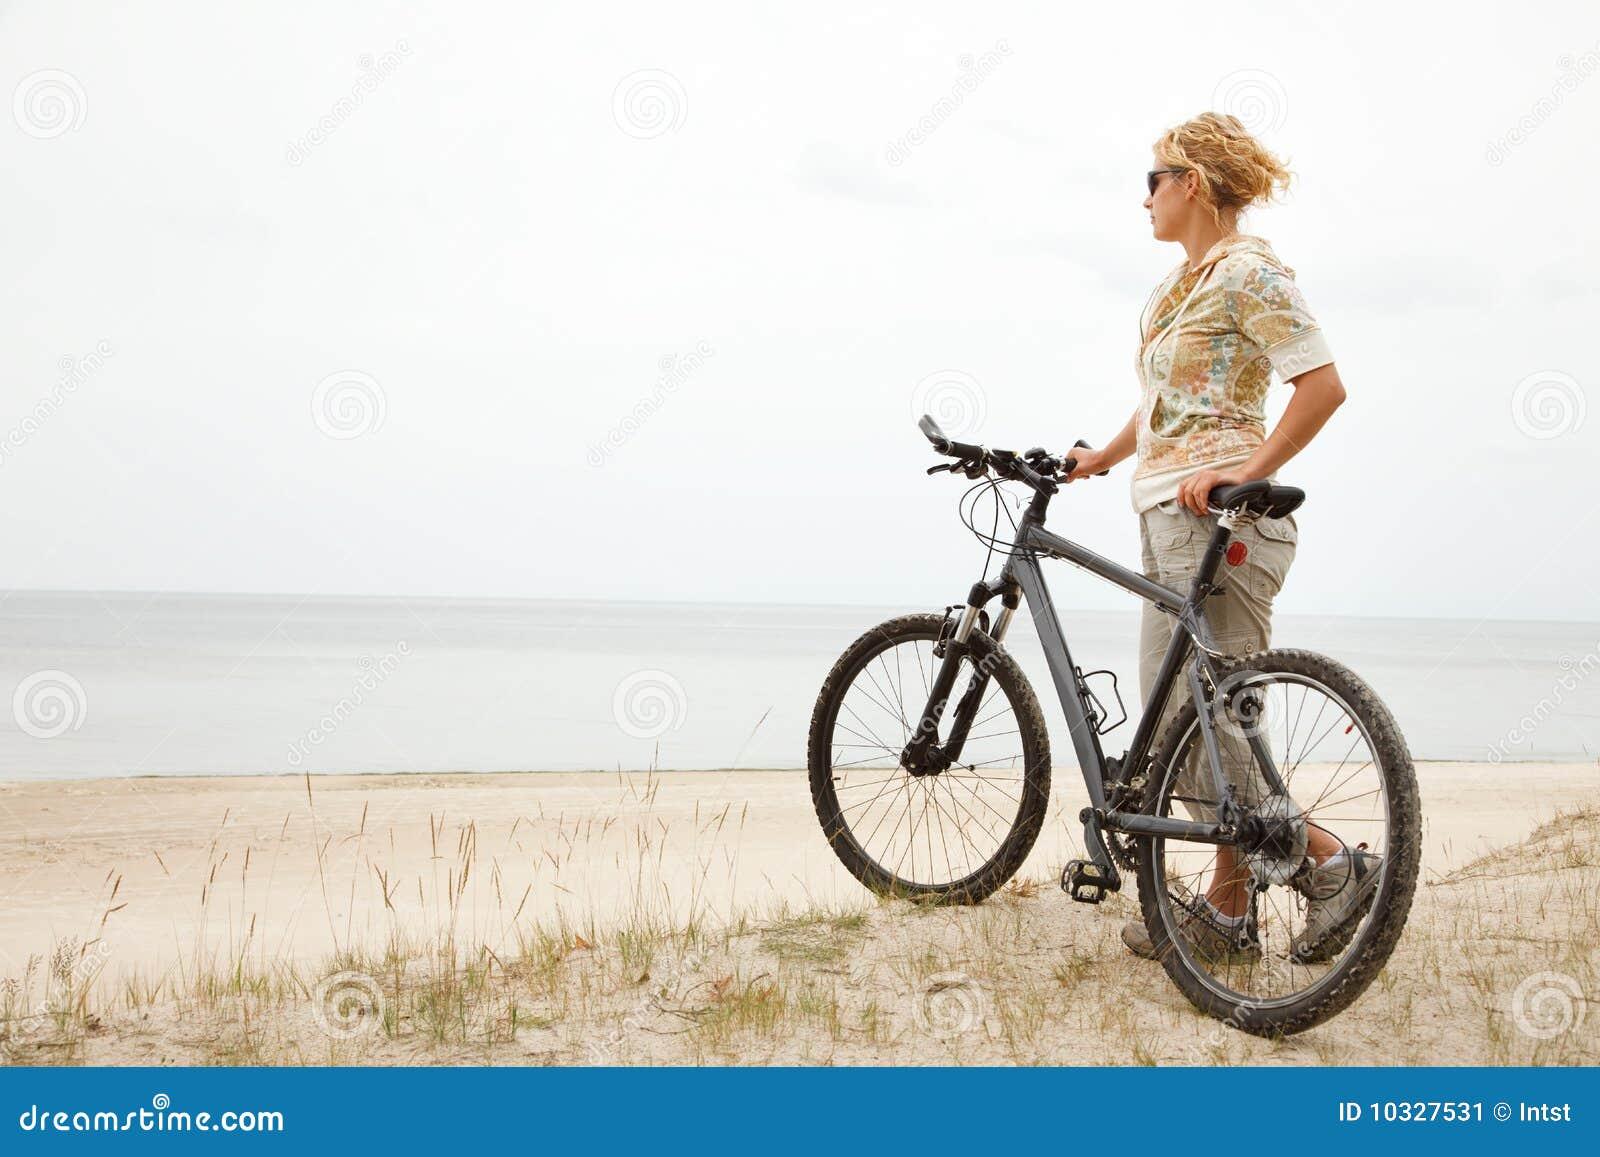 junge frauen mit fahrrad stockbild bild von rand. Black Bedroom Furniture Sets. Home Design Ideas